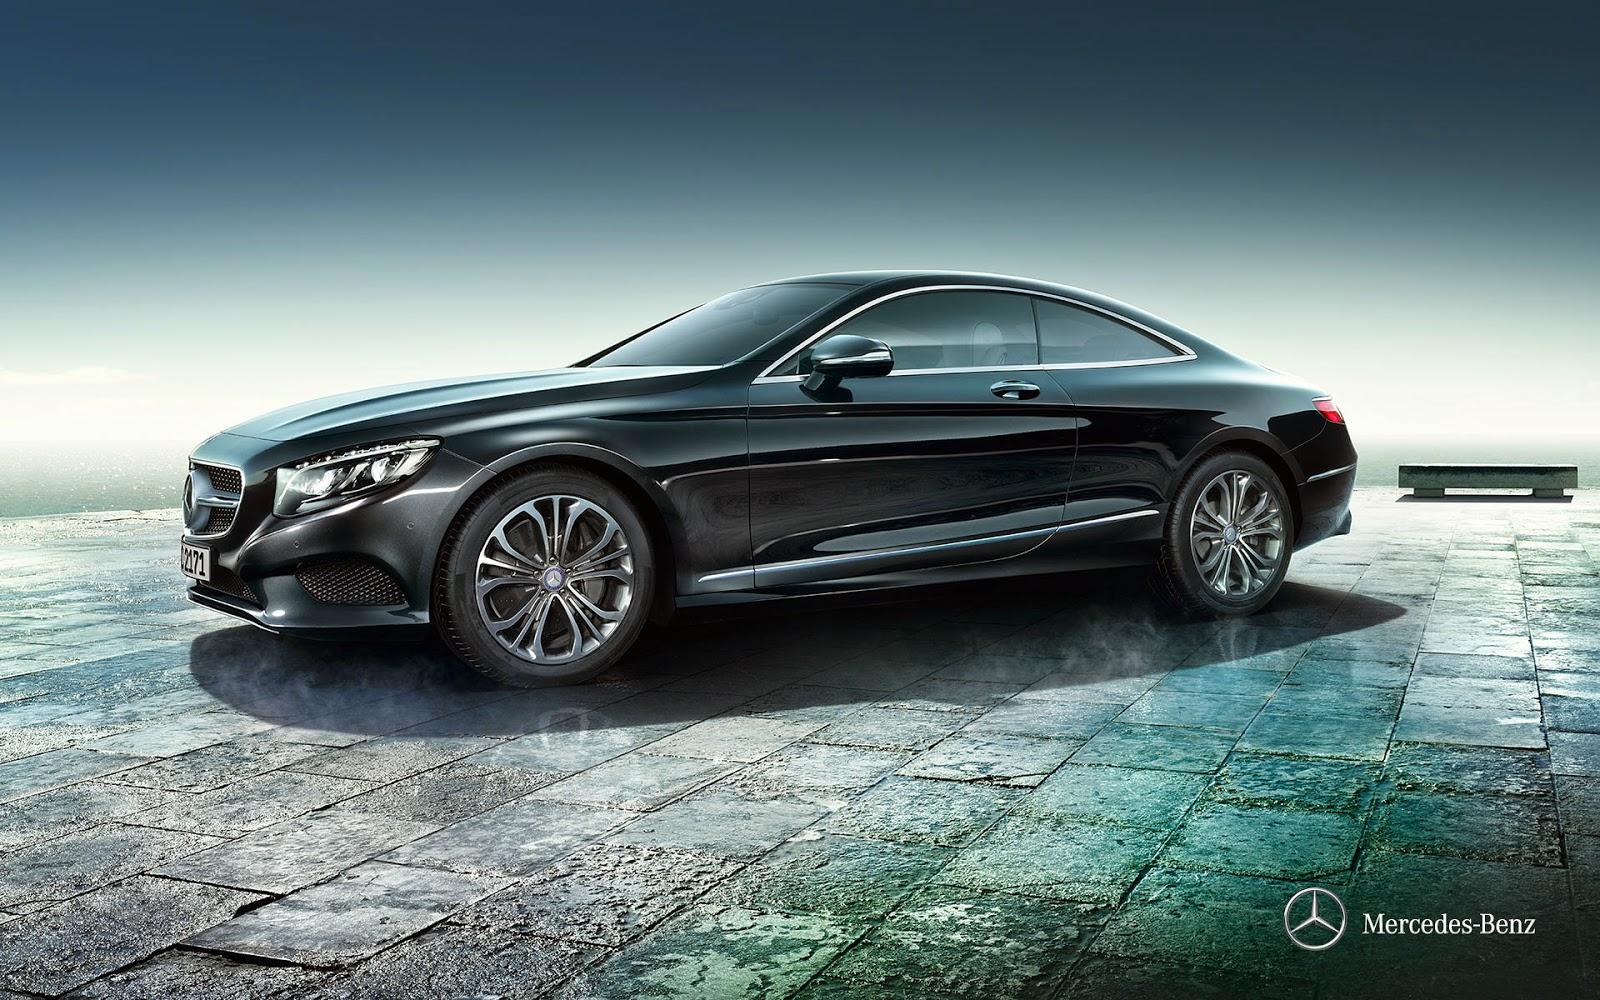 Mercedes Benz S Class HD Wallpaper 1600x1000